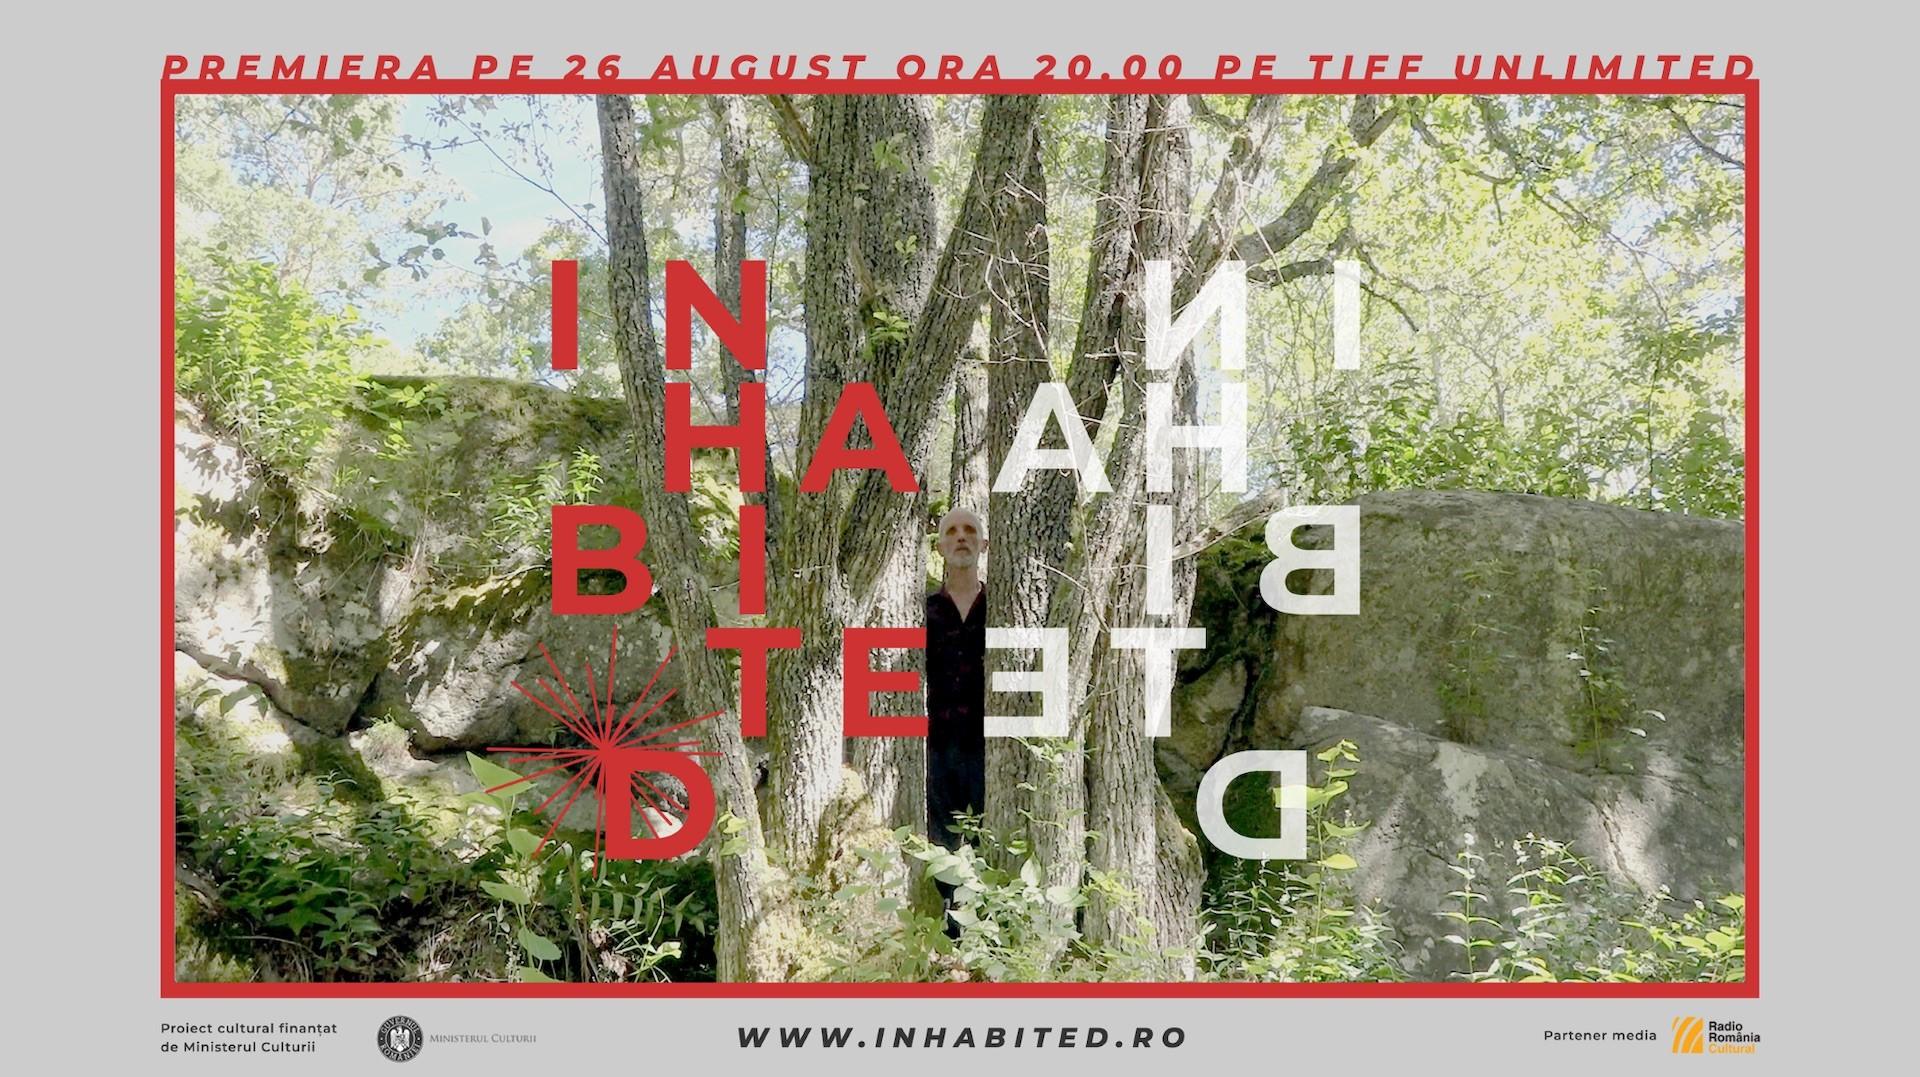 Filmul înLOCUIT/inHABITED în premieră pe TIFF Unlimited